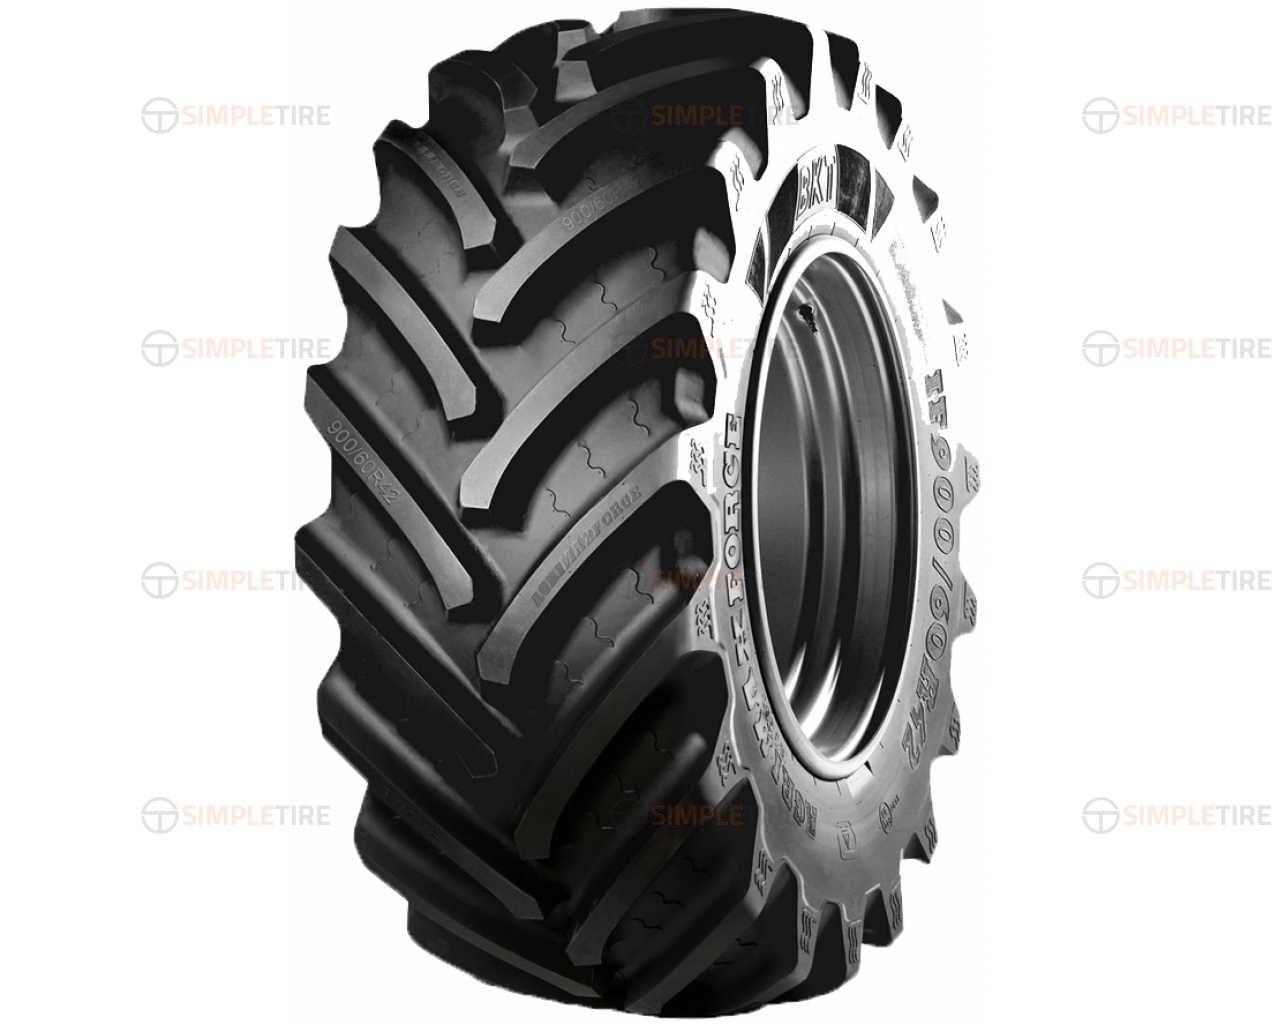 94046010 710/75R42 Agrimax Force BKT